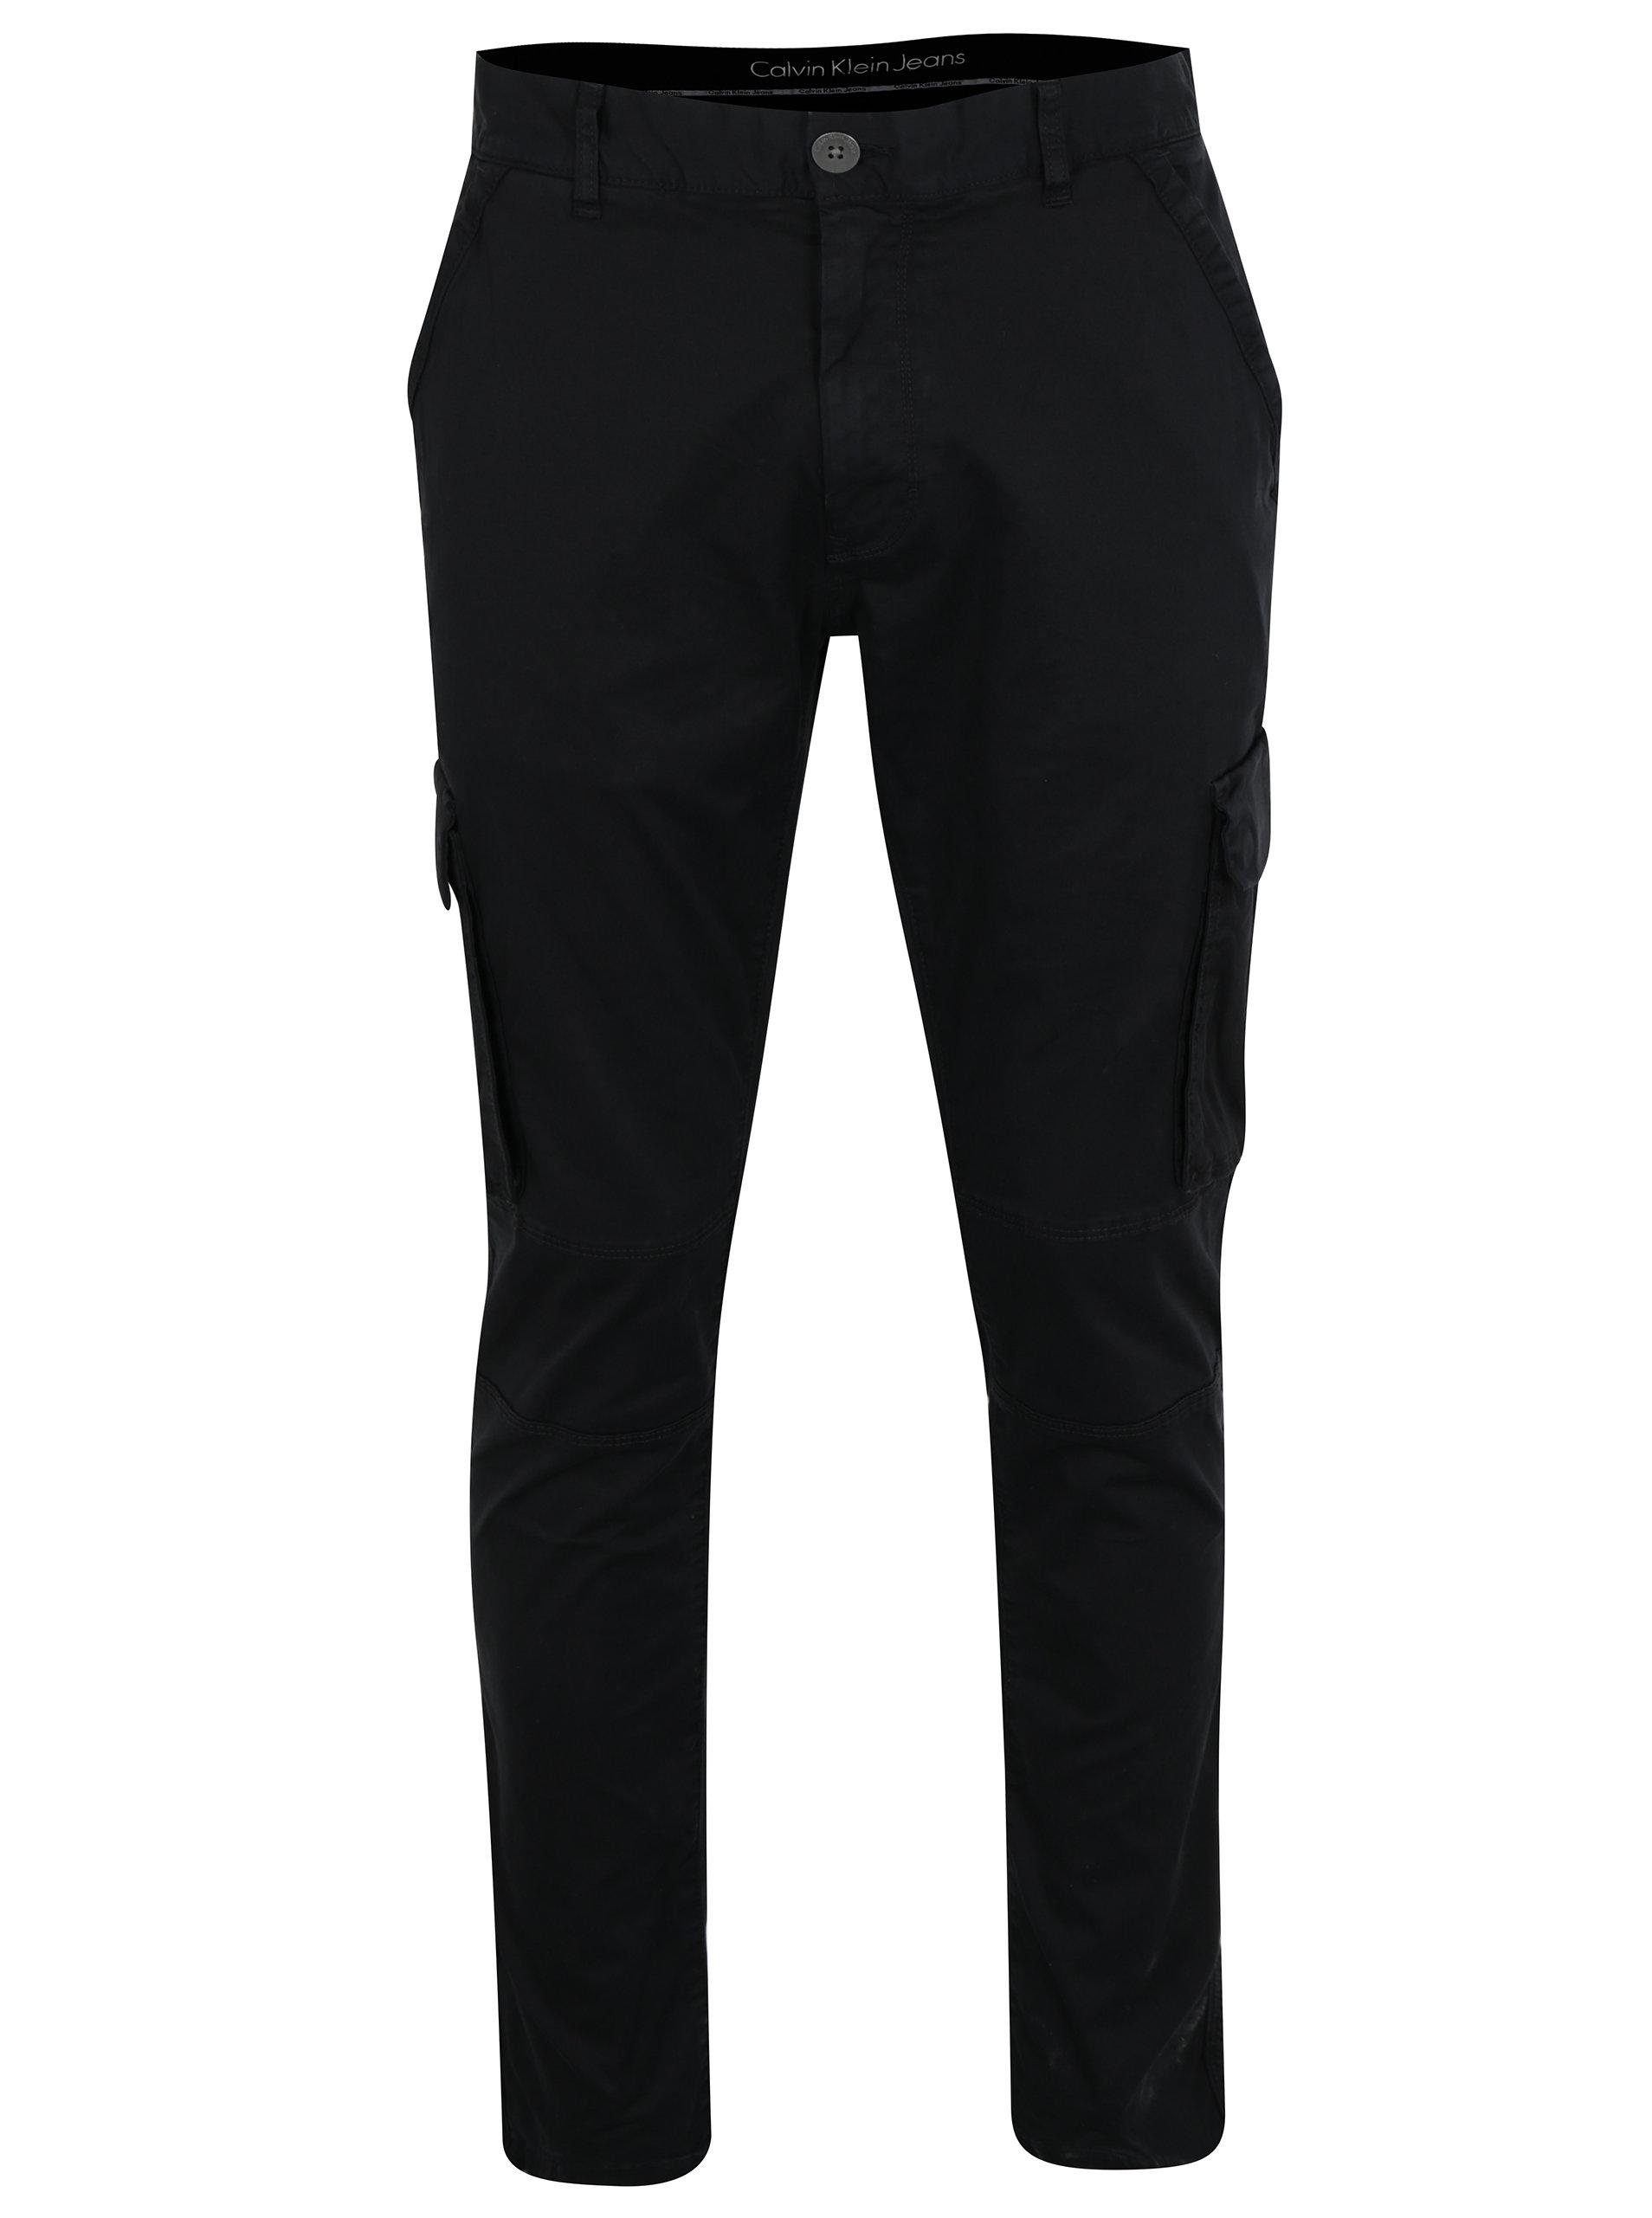 9bf02927ec Černé pánské kalhoty s kapsami Calvin Klein Gravel ...